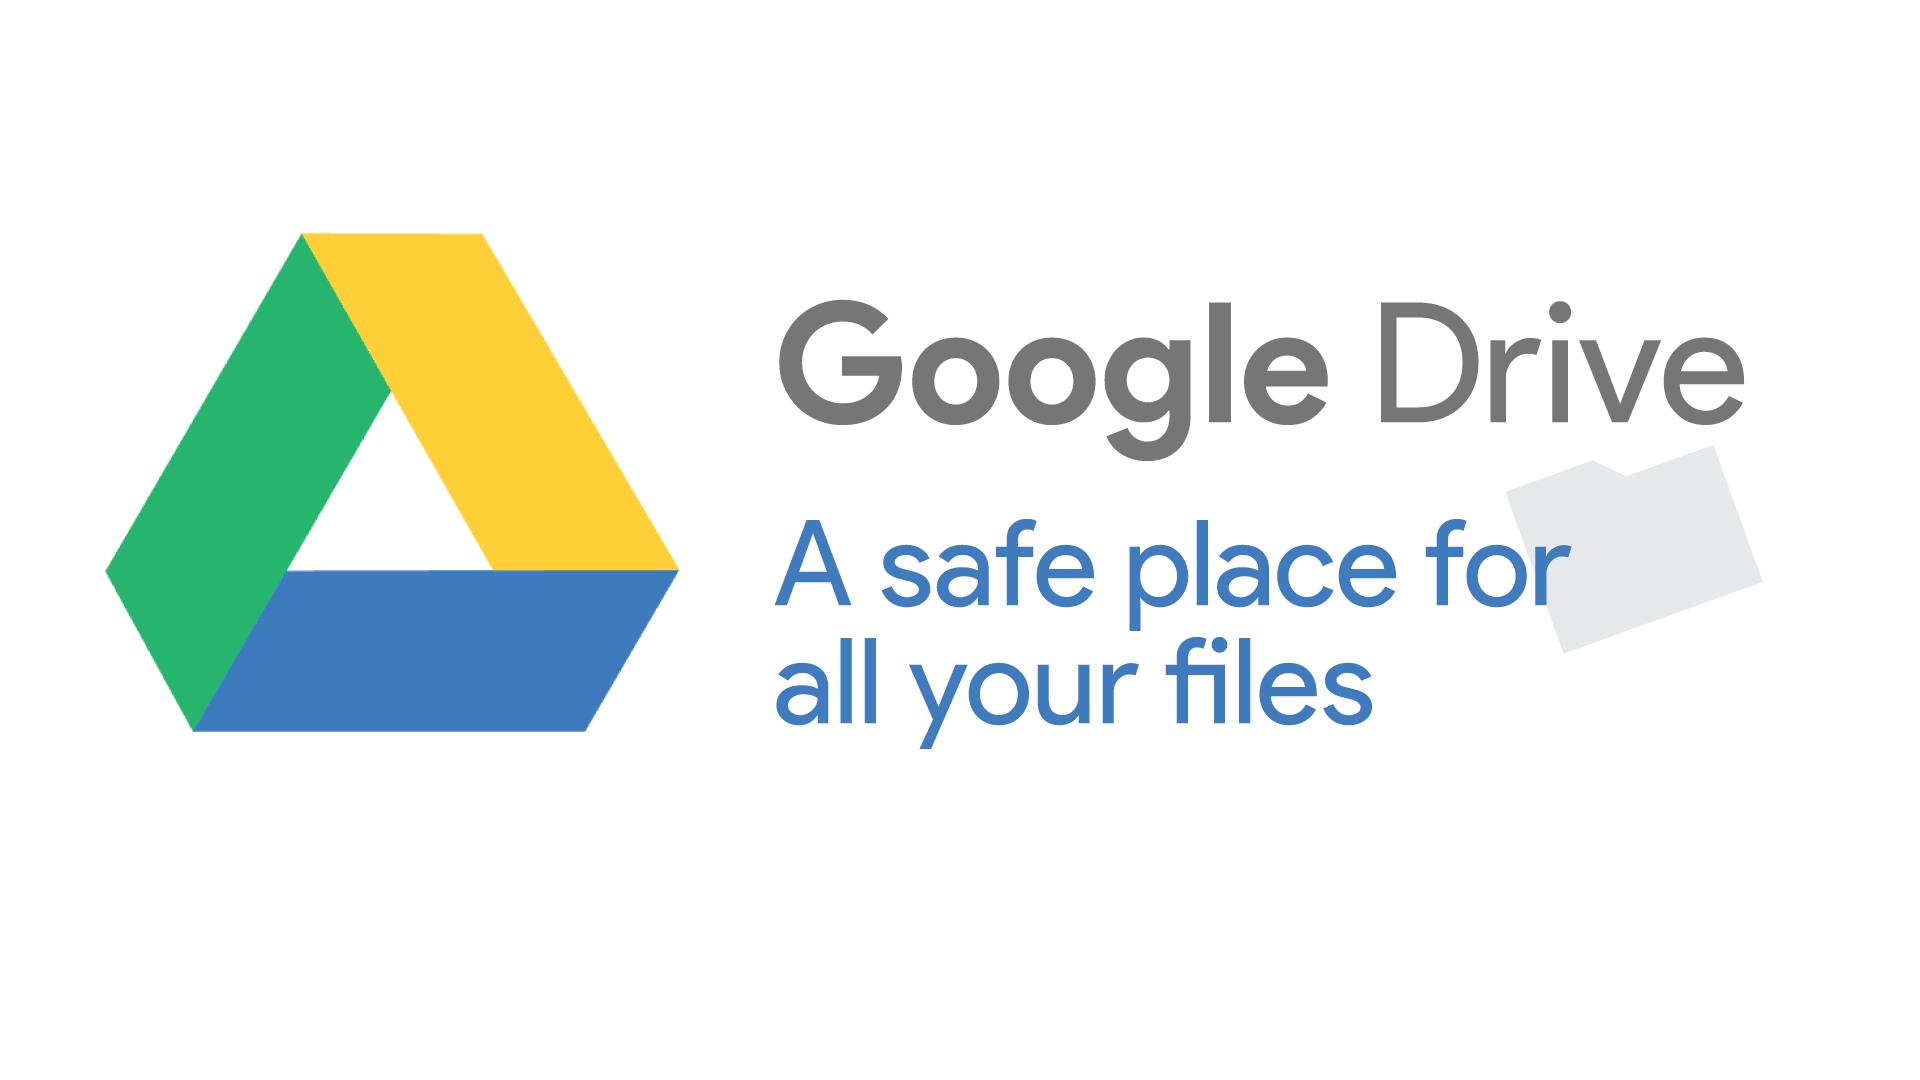 دانلود گوگل درایو Google Drive 2.21.021.04 برای اندروید و آیفون